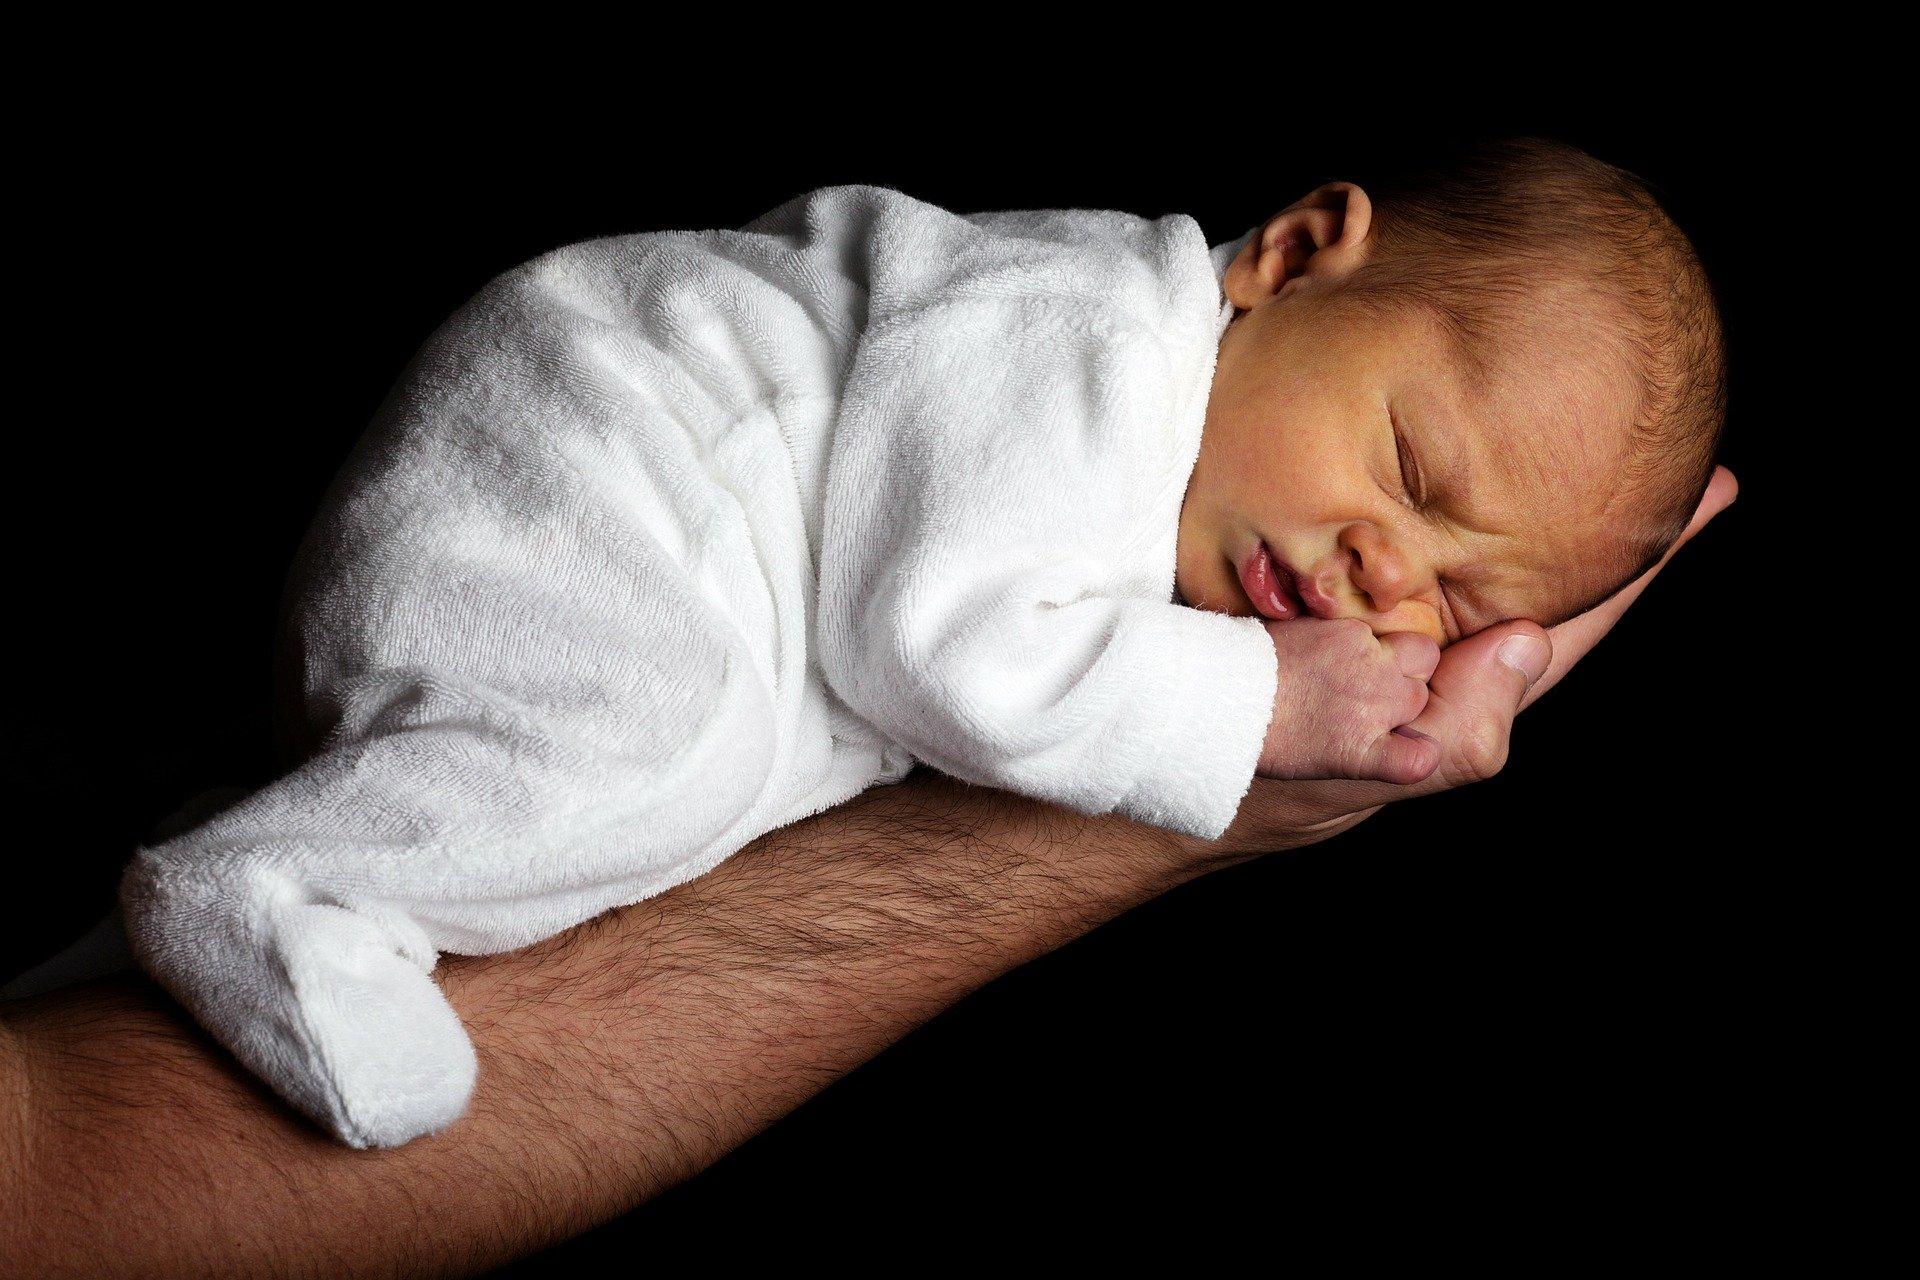 bebeğin göbek bağı